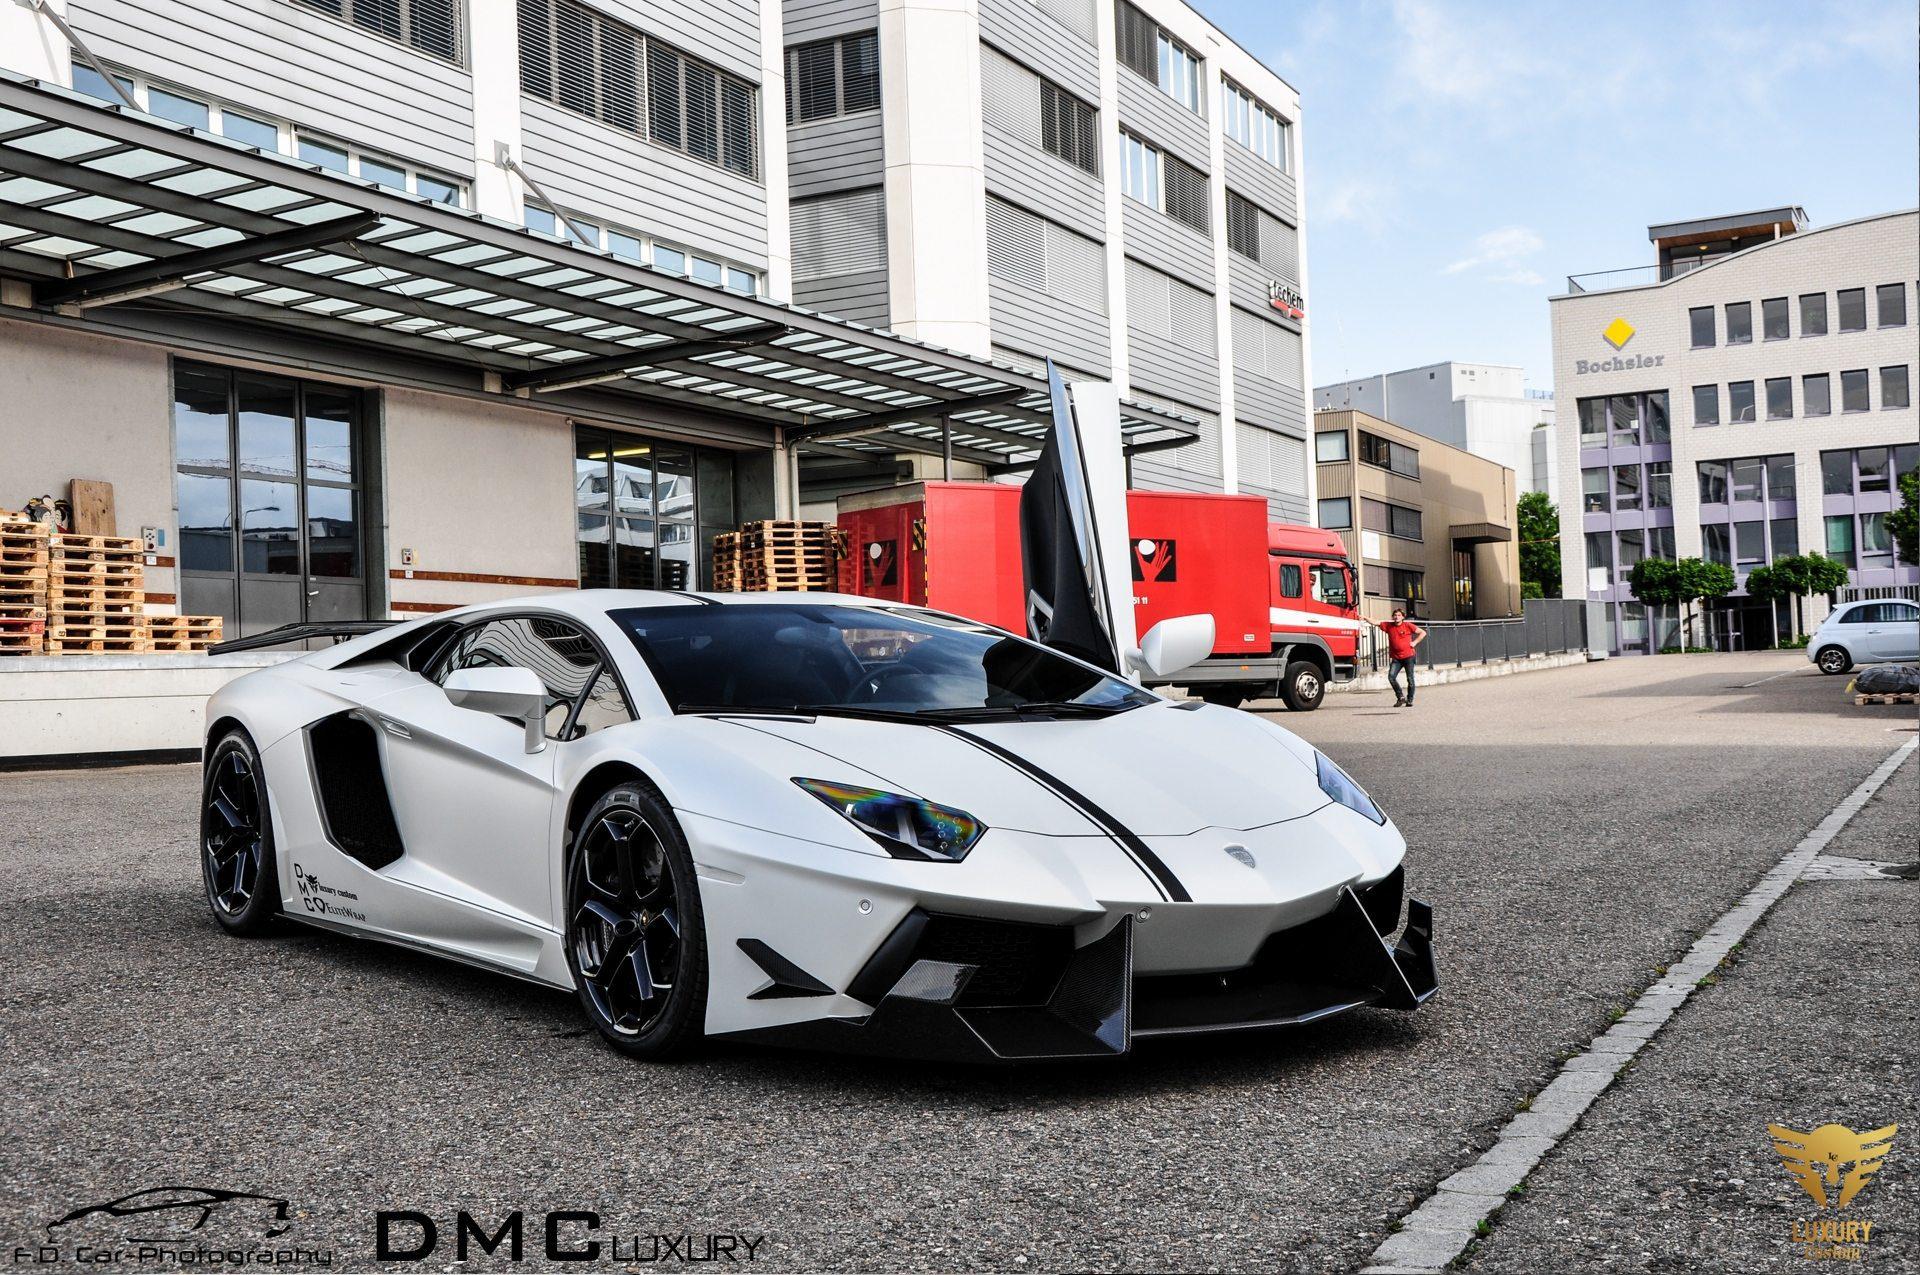 Dmc Lamborghini Aventador Superveloce